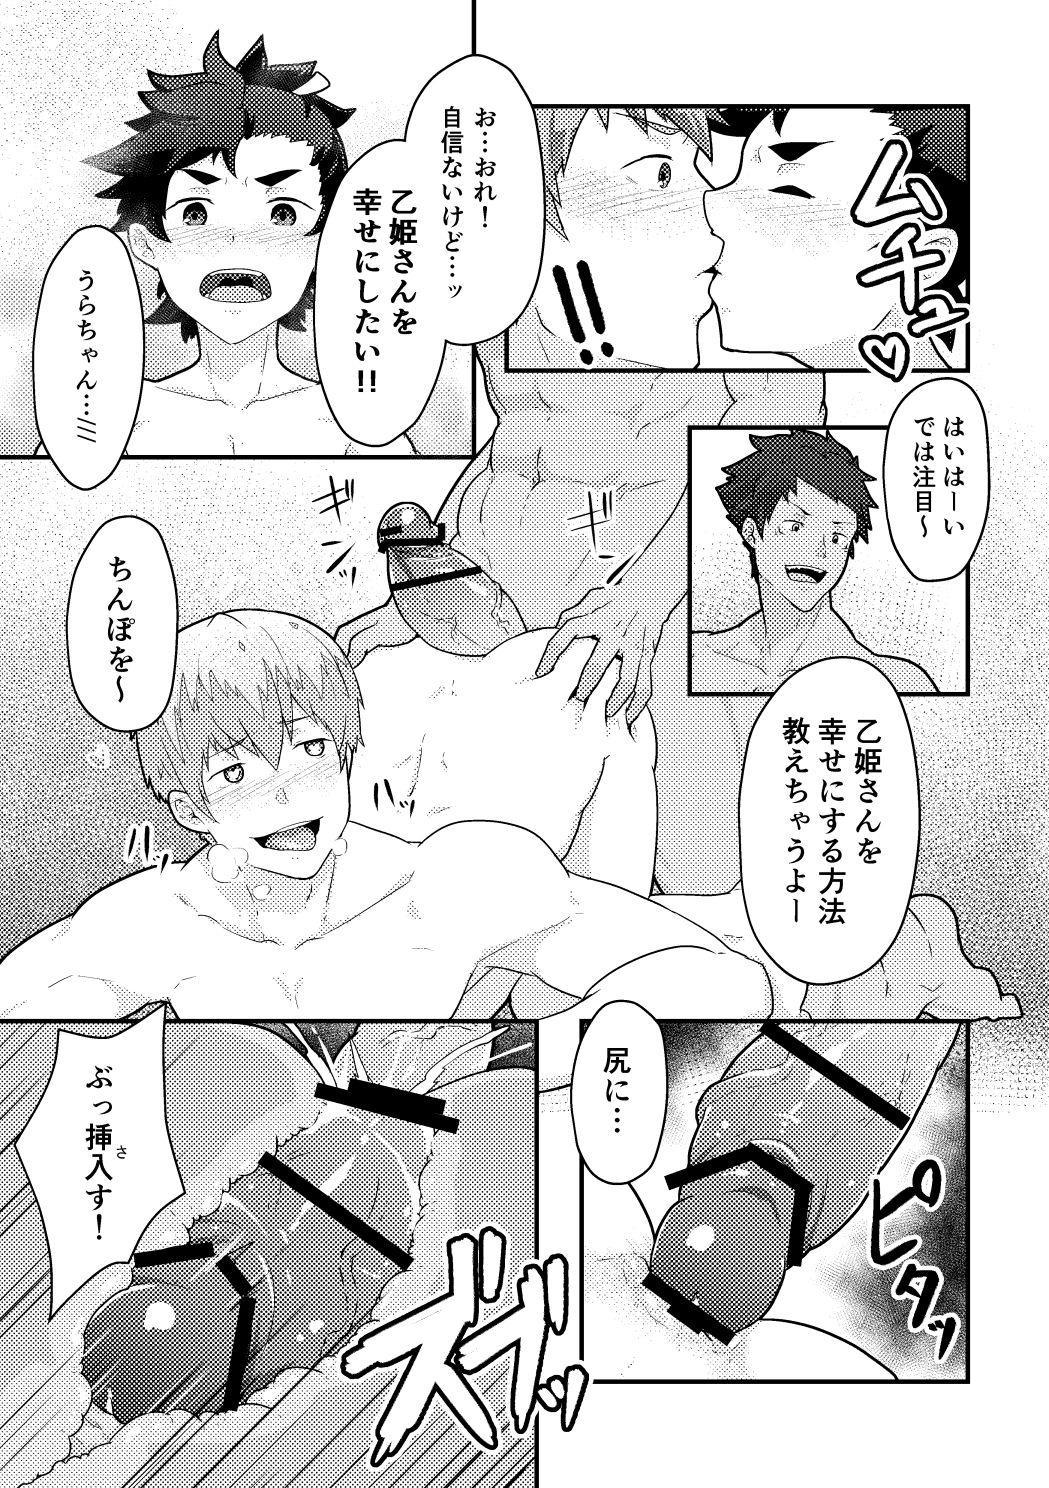 Urashimatarou 14